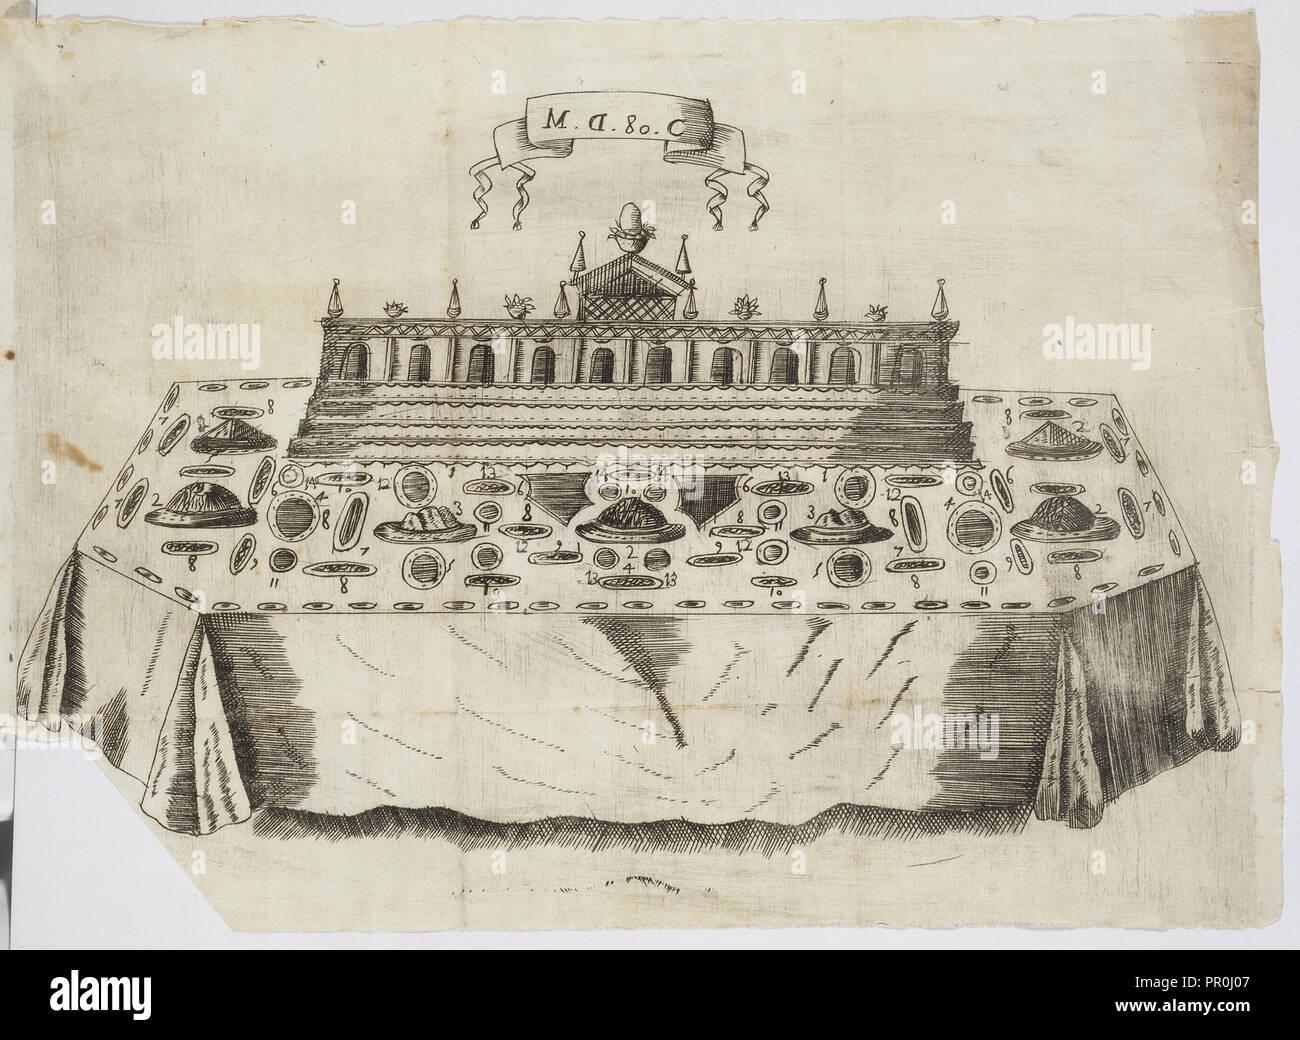 Mesa de 80 cubiertos, el arte de la repostería, en que se contiene todo genero de hacer dulces secos, y en lìquido, vizcochos Imagen De Stock